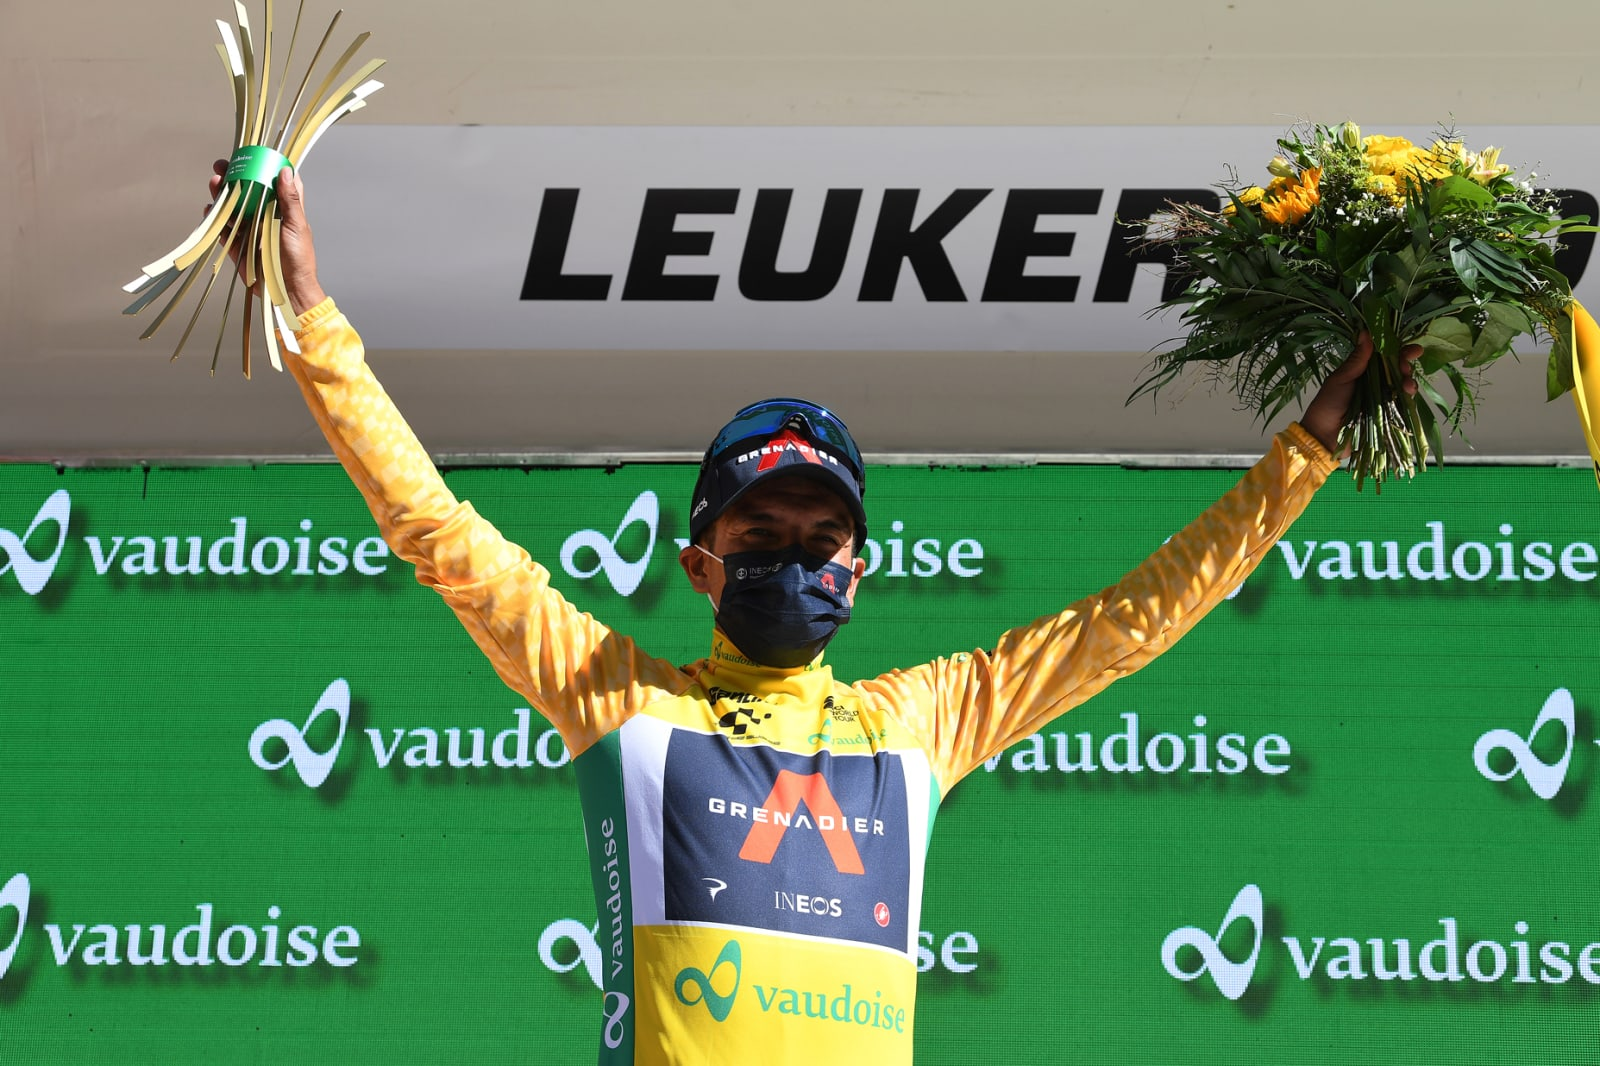 Richard Carapaz slaví triumf při závodě Kolem Švýcarska. Foto: ineosgrenadiers.com (2x)